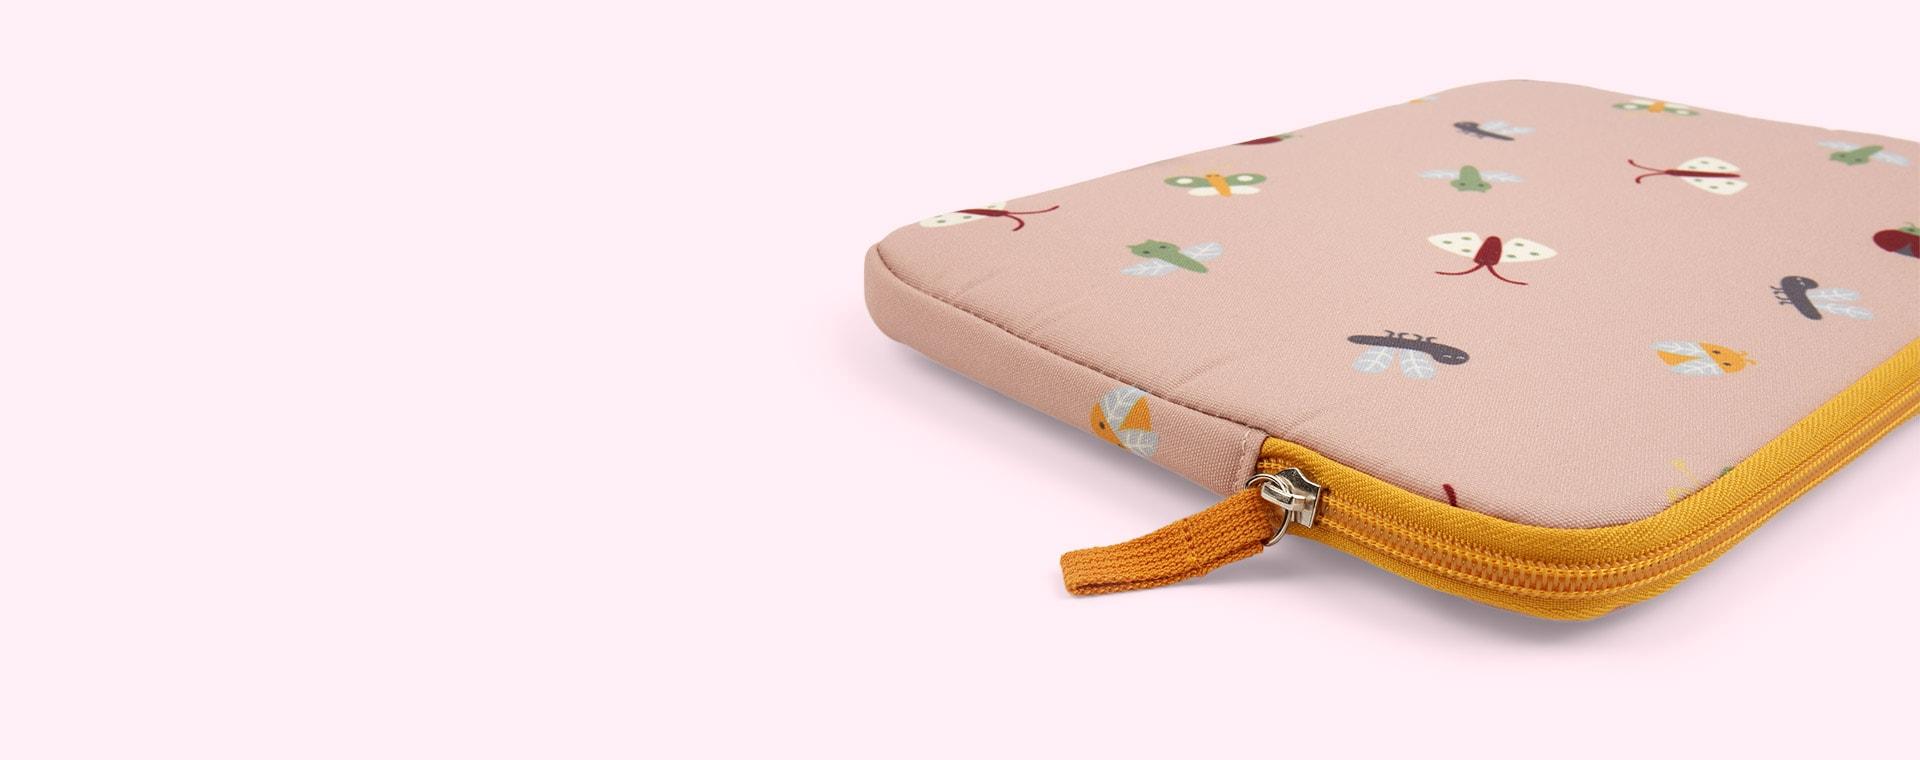 Rose Franck & Fischer Nord Tablet Cover